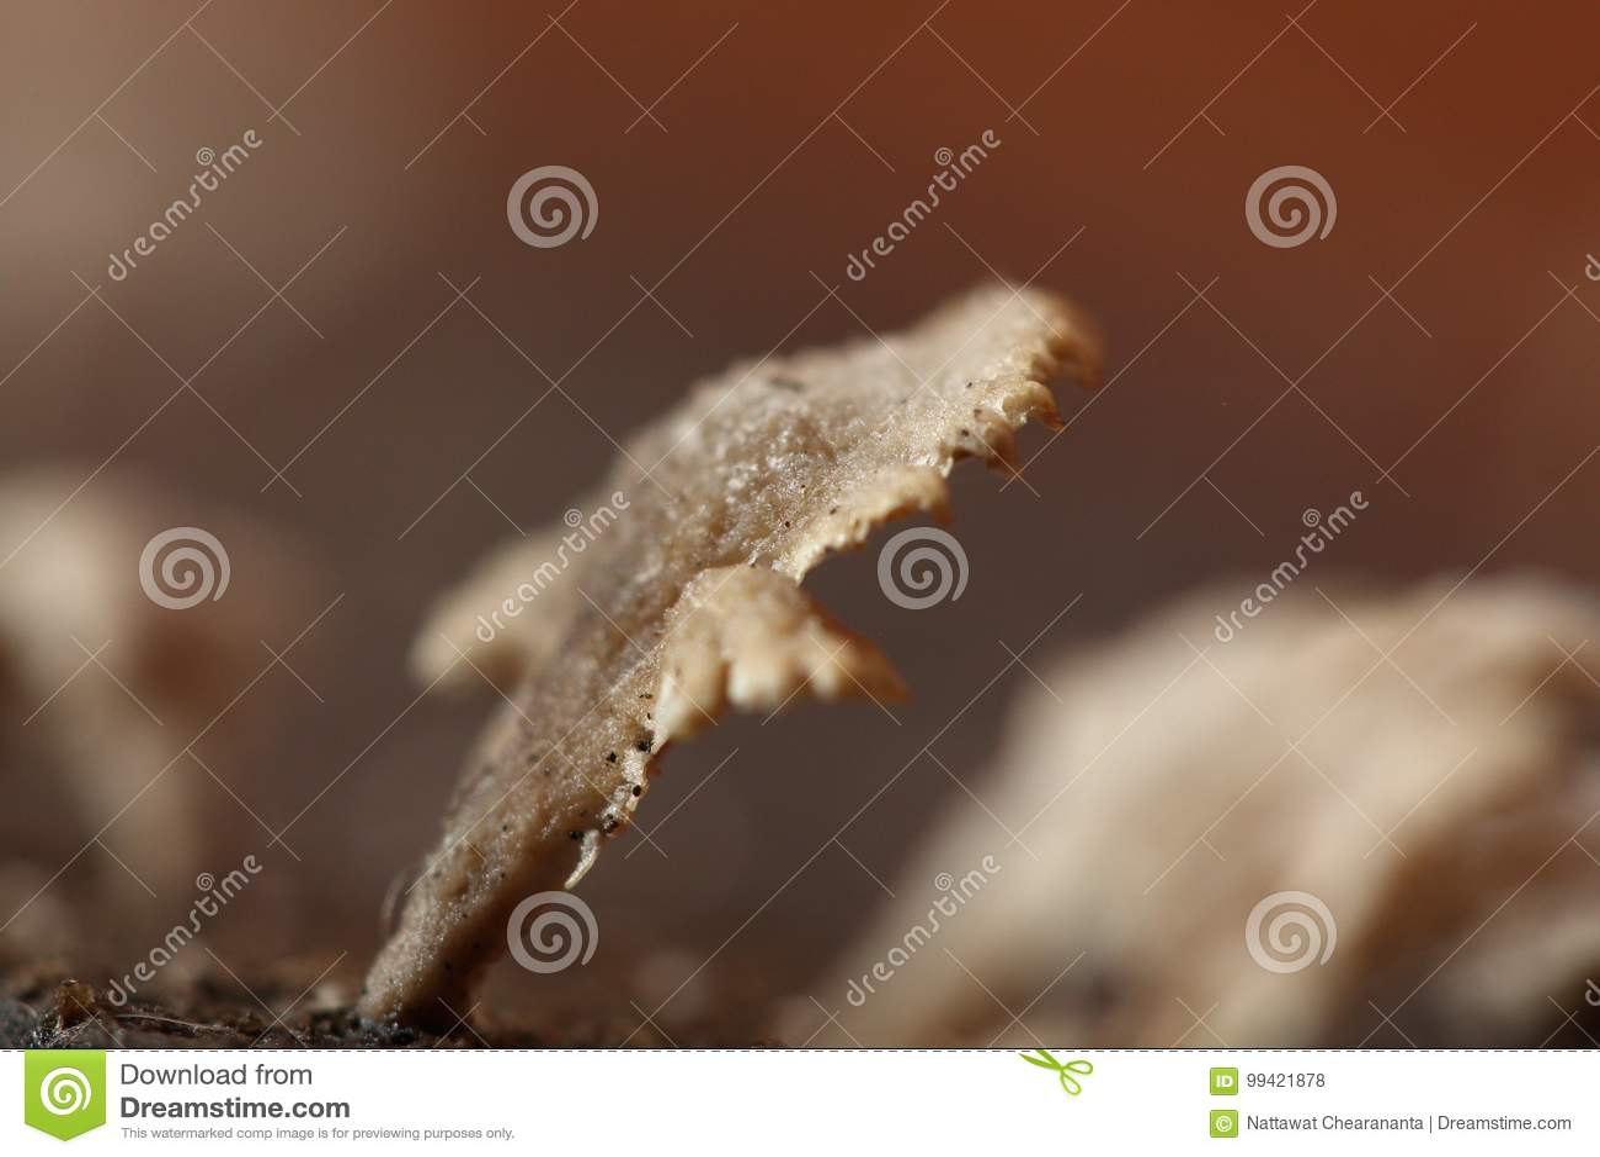 Kleiner Weisser Pilz In Der Regenjahreszeit Auf Altem Holz Der